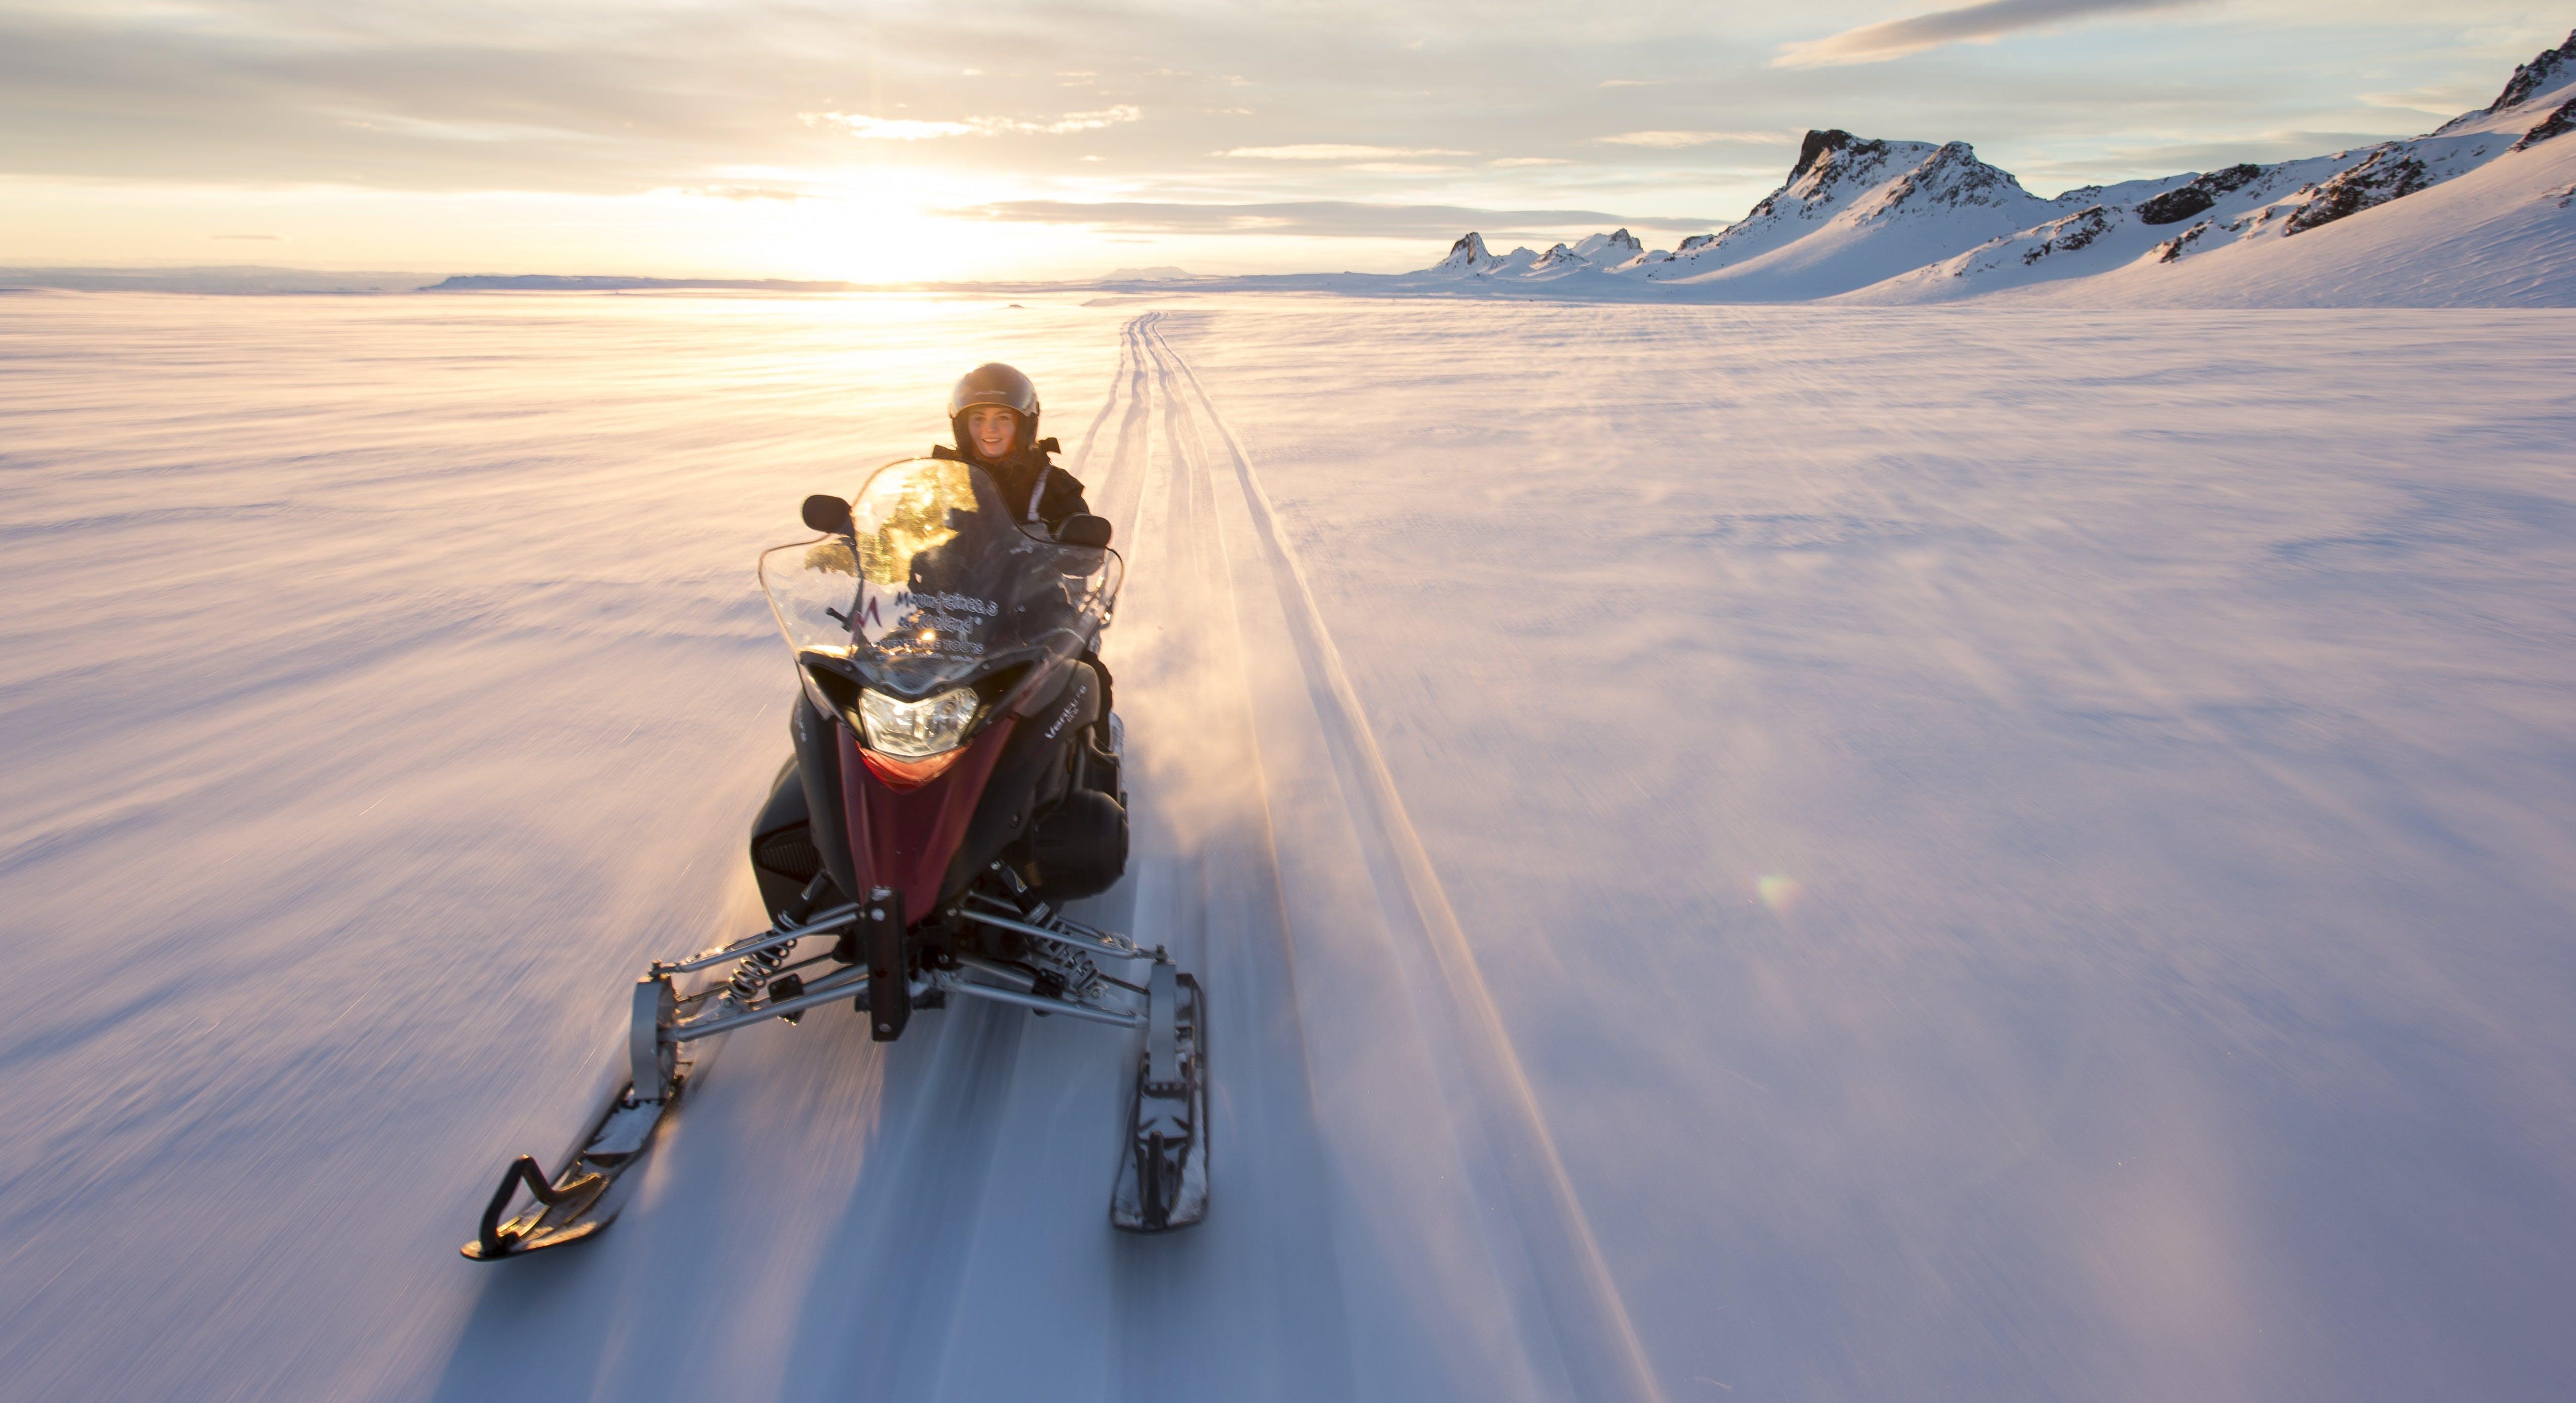 การขับรถเลื่อนหิมะถือเป็นกิจกรรมหนึ่งที่น่าตื่นเต้นที่สุดที่มีในประเทศไอซ์แลนด์.